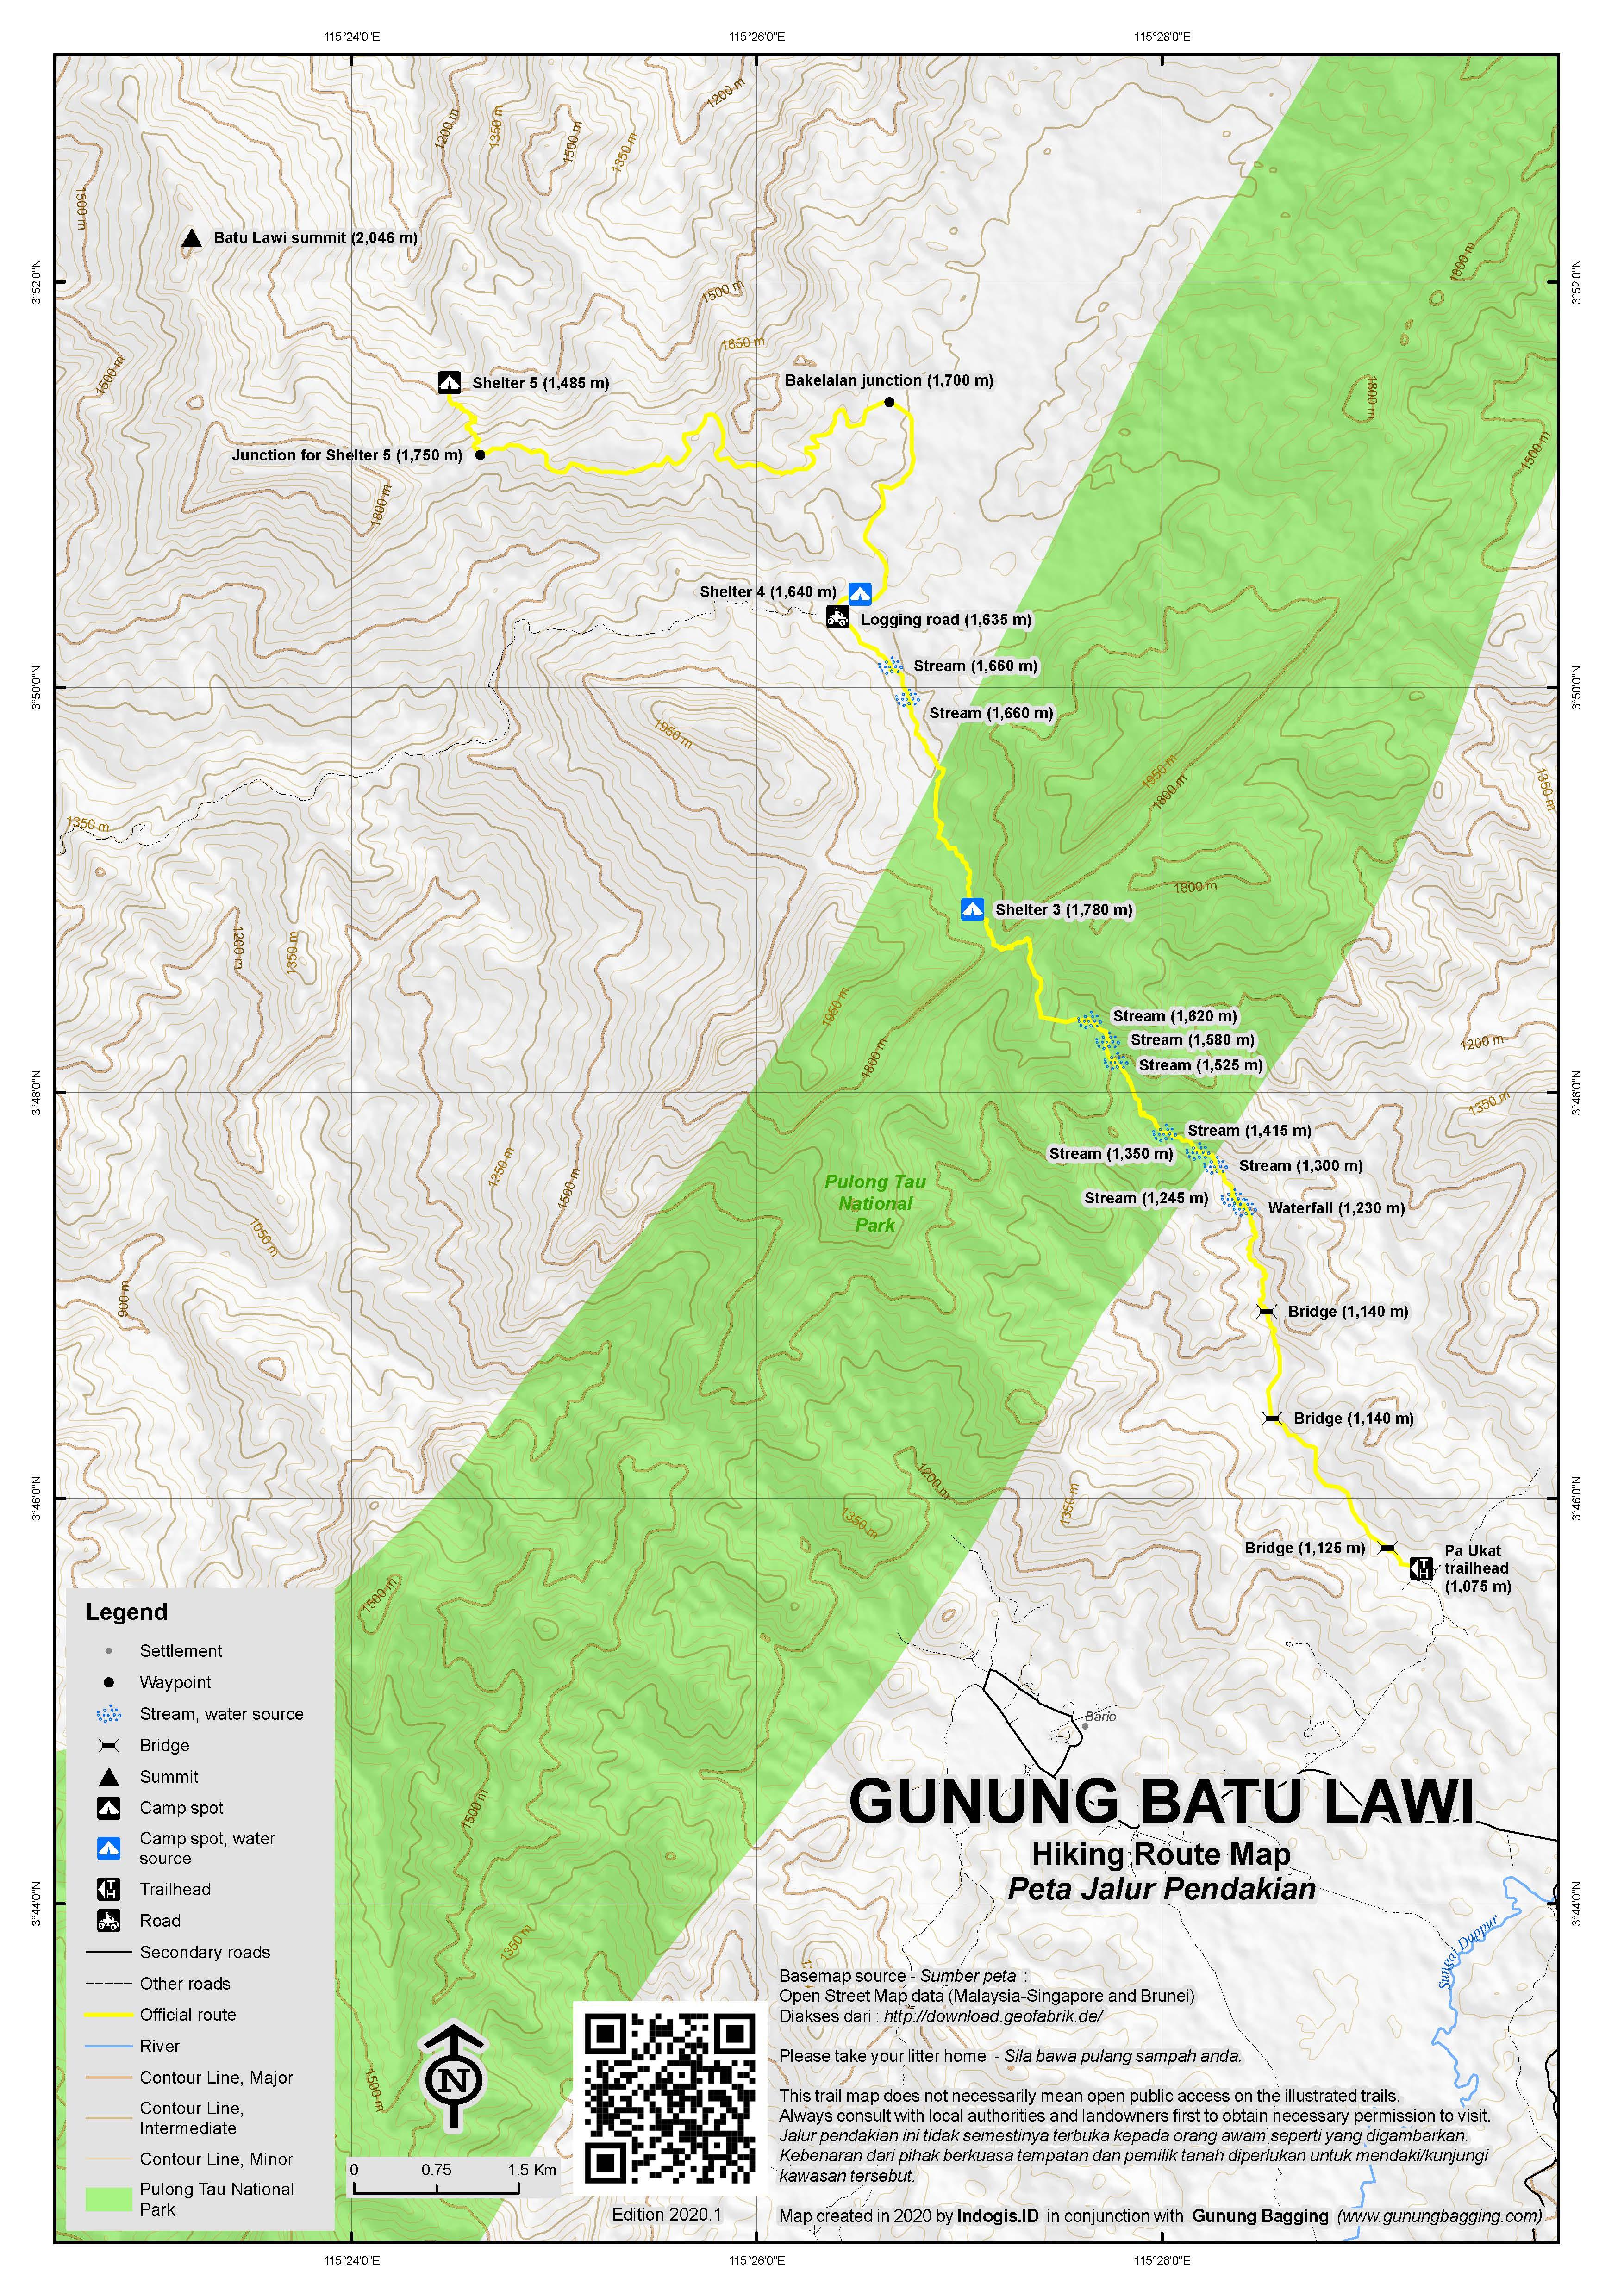 Peta Jalur Pendakian Gunung Batu Lawi